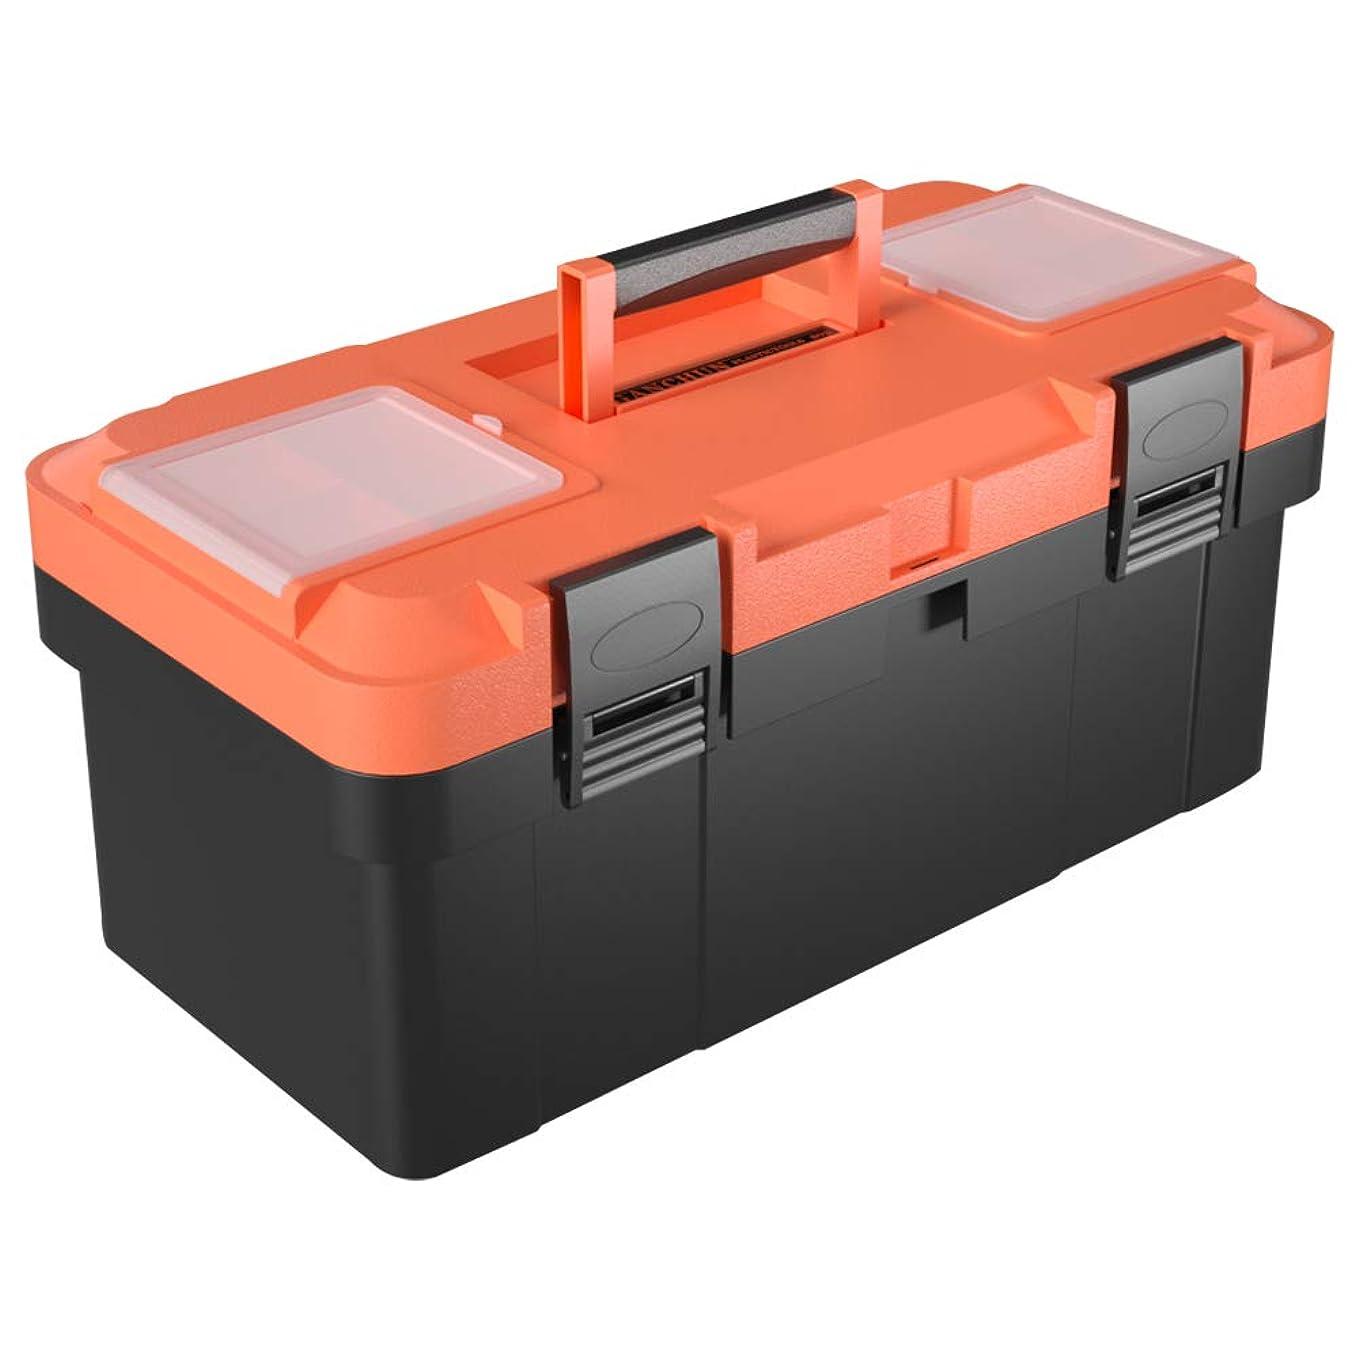 工具箱 工具収納 収納ボックス 小物収納ケー 大容量 収納ケース 取っ手付き ツールボックス (幅)約43x(奥行)約22.5x(高さ)約20cm